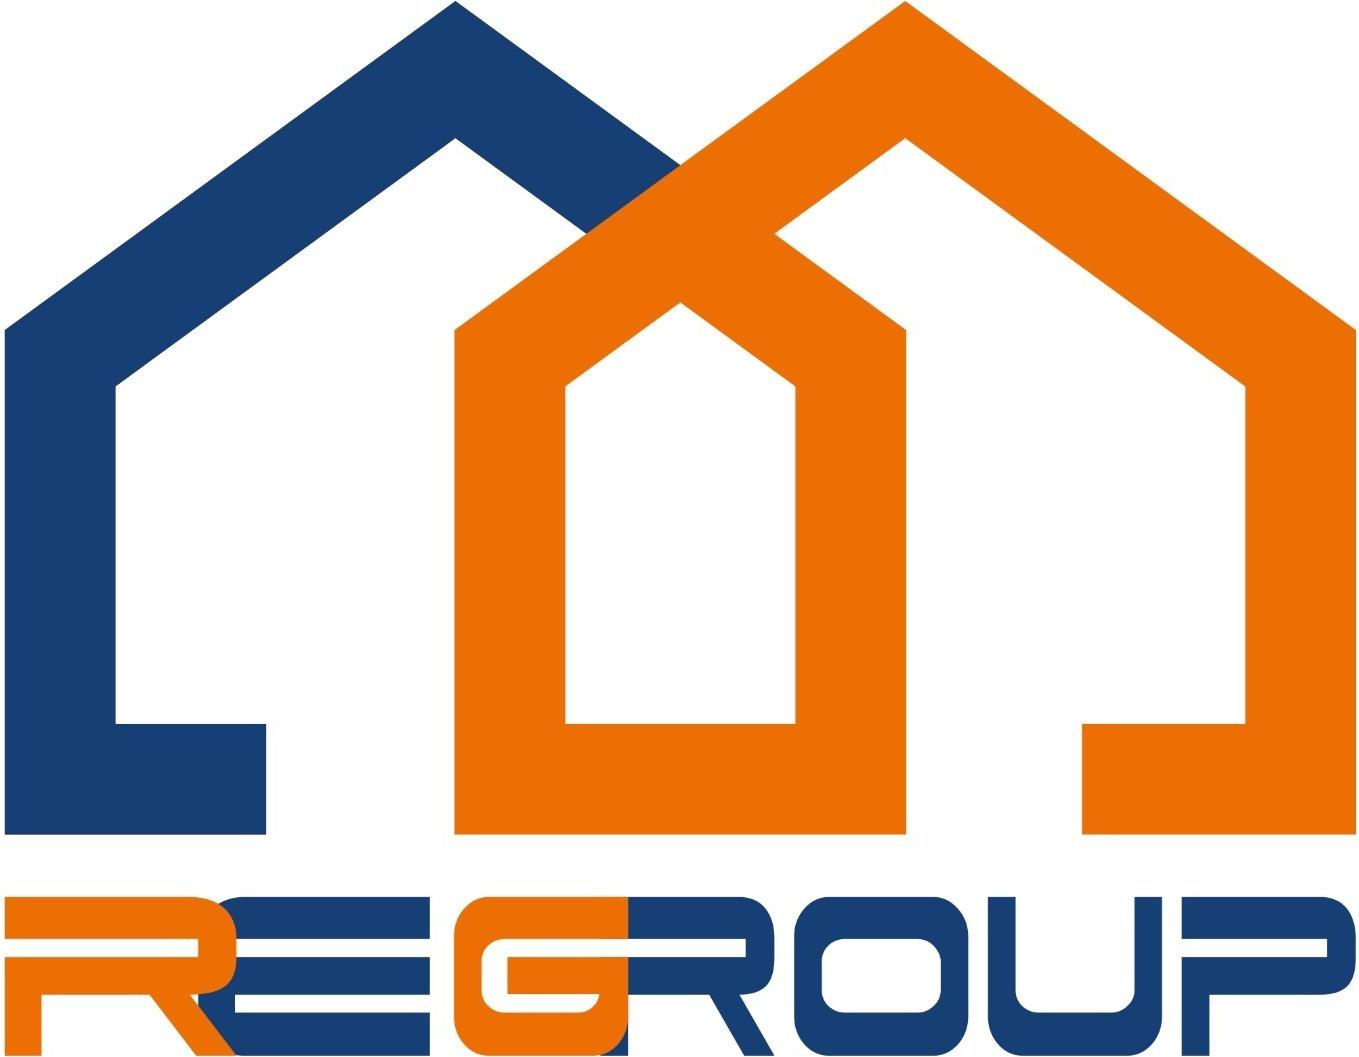 Agenzie Immobiliari Varazze agenzia immobiliare savona | centro servizi immobiliari srl